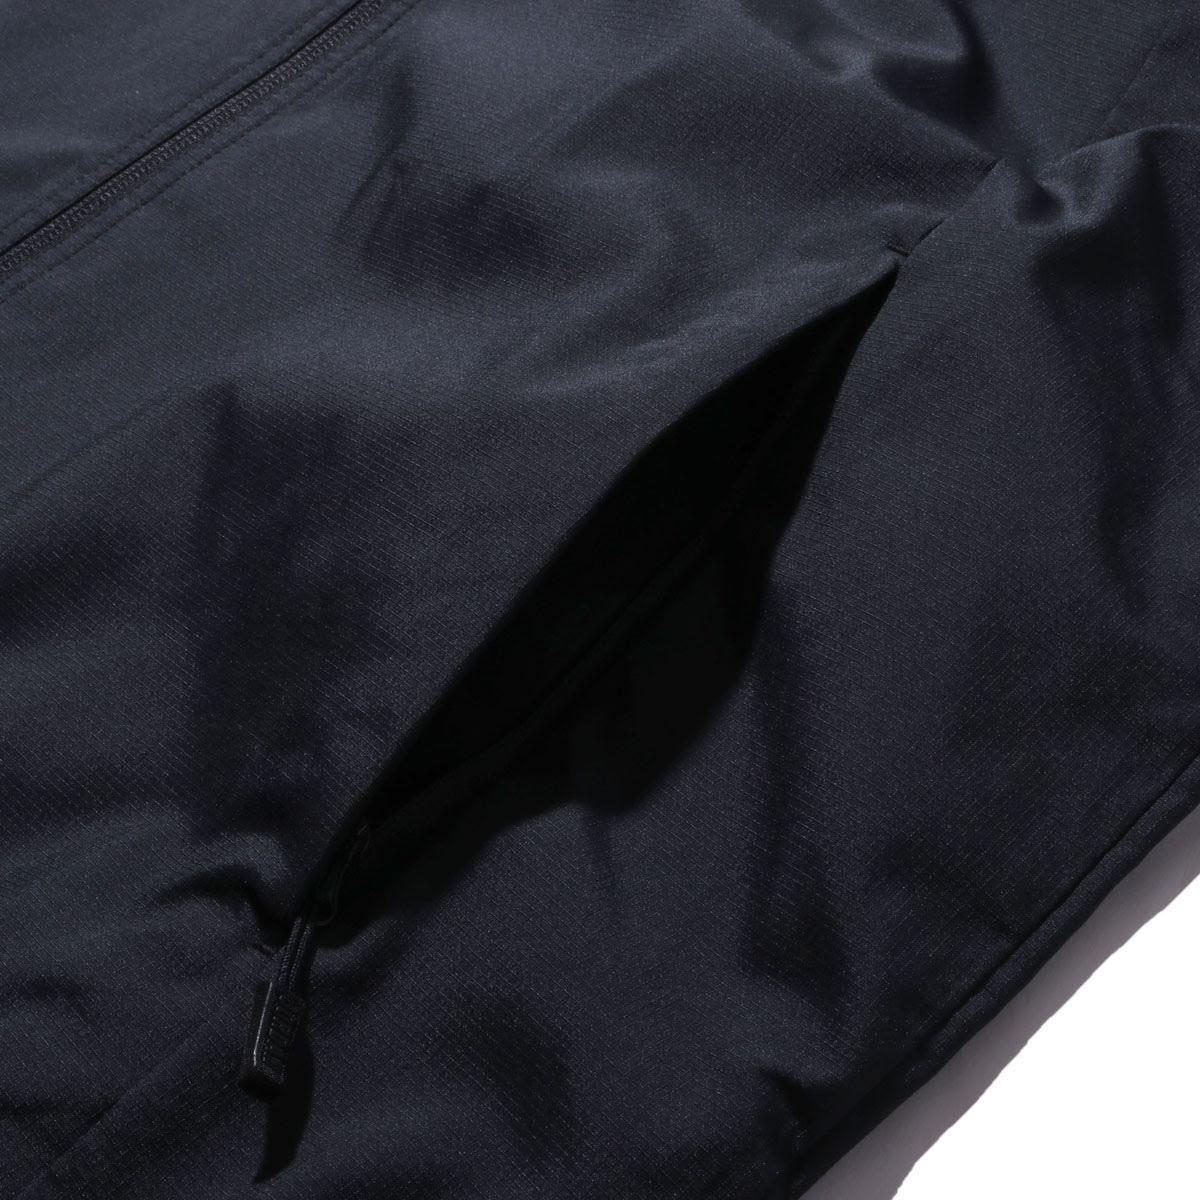 0a817de331 NIKEJSWWINGSGFXWINDBREAKER(ナイキジョーダンウィングスGFXウィンドブレーカー)BLACK WHITE メンズジャケット